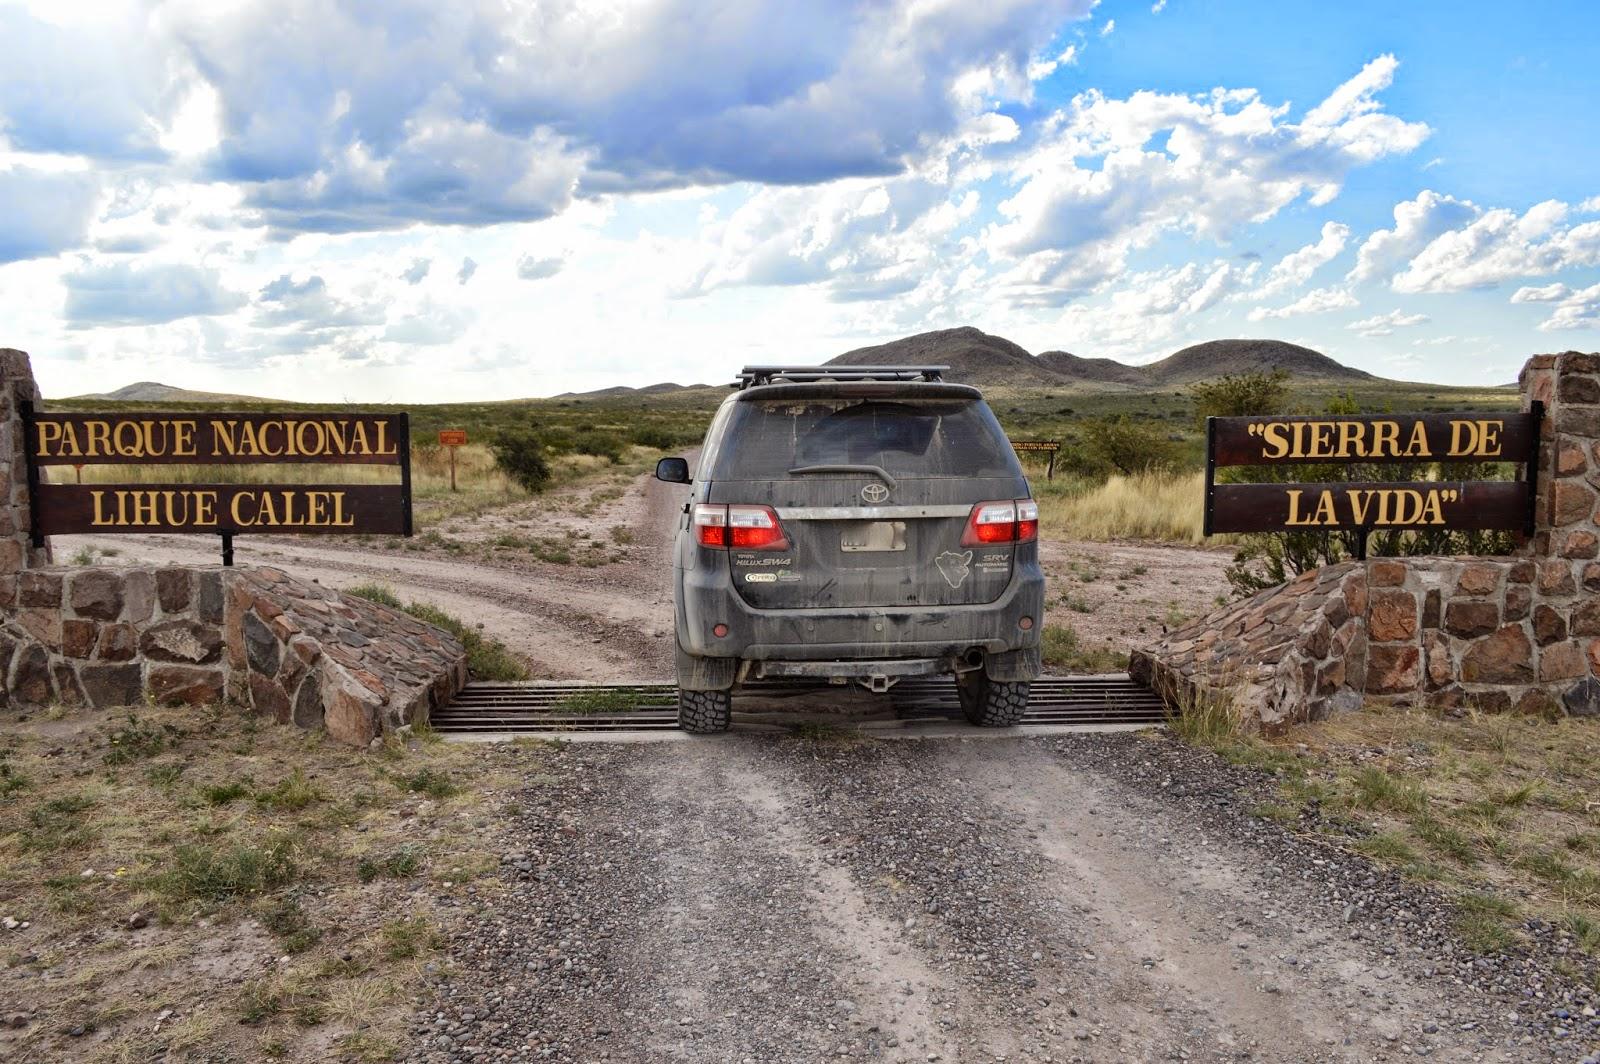 Turismo: algunas localidades con ocupación al 100% y más de 15 mil personas se movilizaron por La Pampa durante en fin de semana